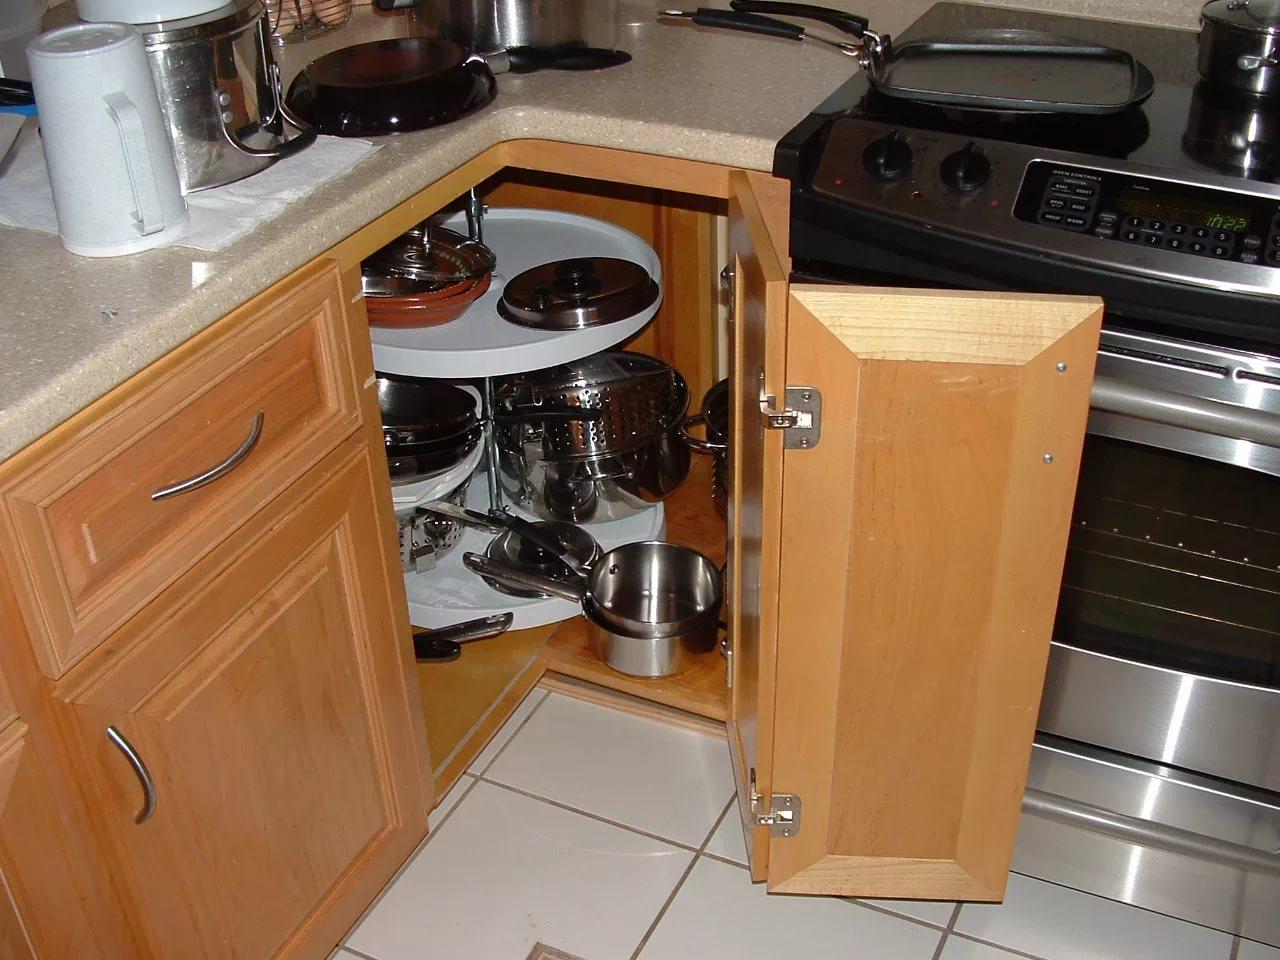 Угловая кухня своими руками реальные фото, видео, советы, ссылки 47